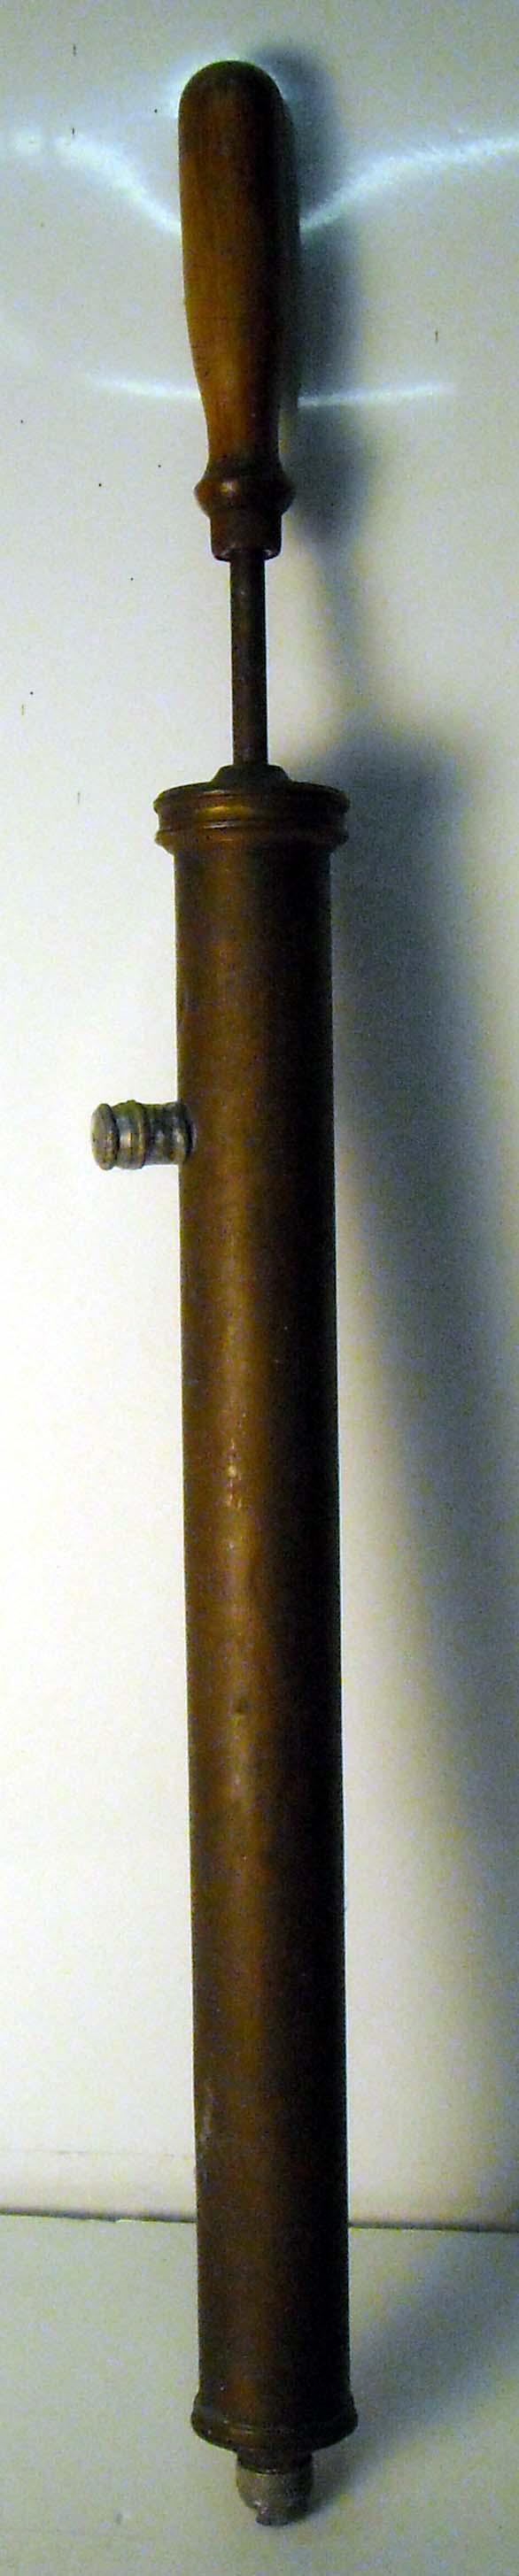 pfiche164